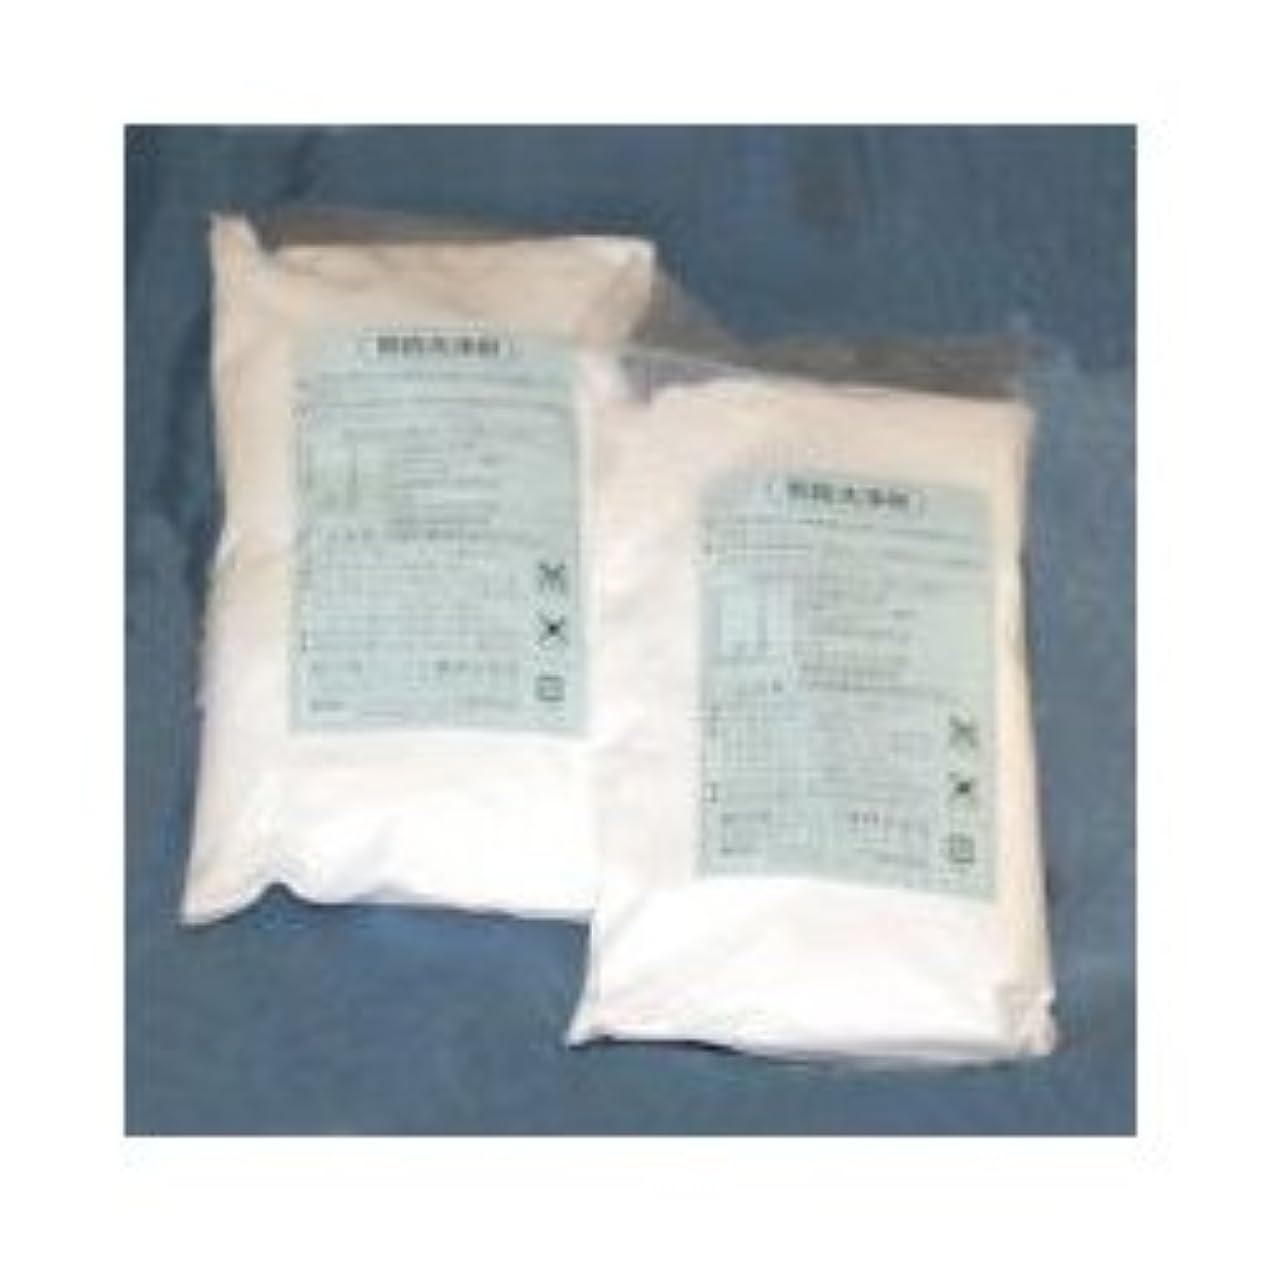 状態店員レンチジャノメ 管路洗浄剤 1袋